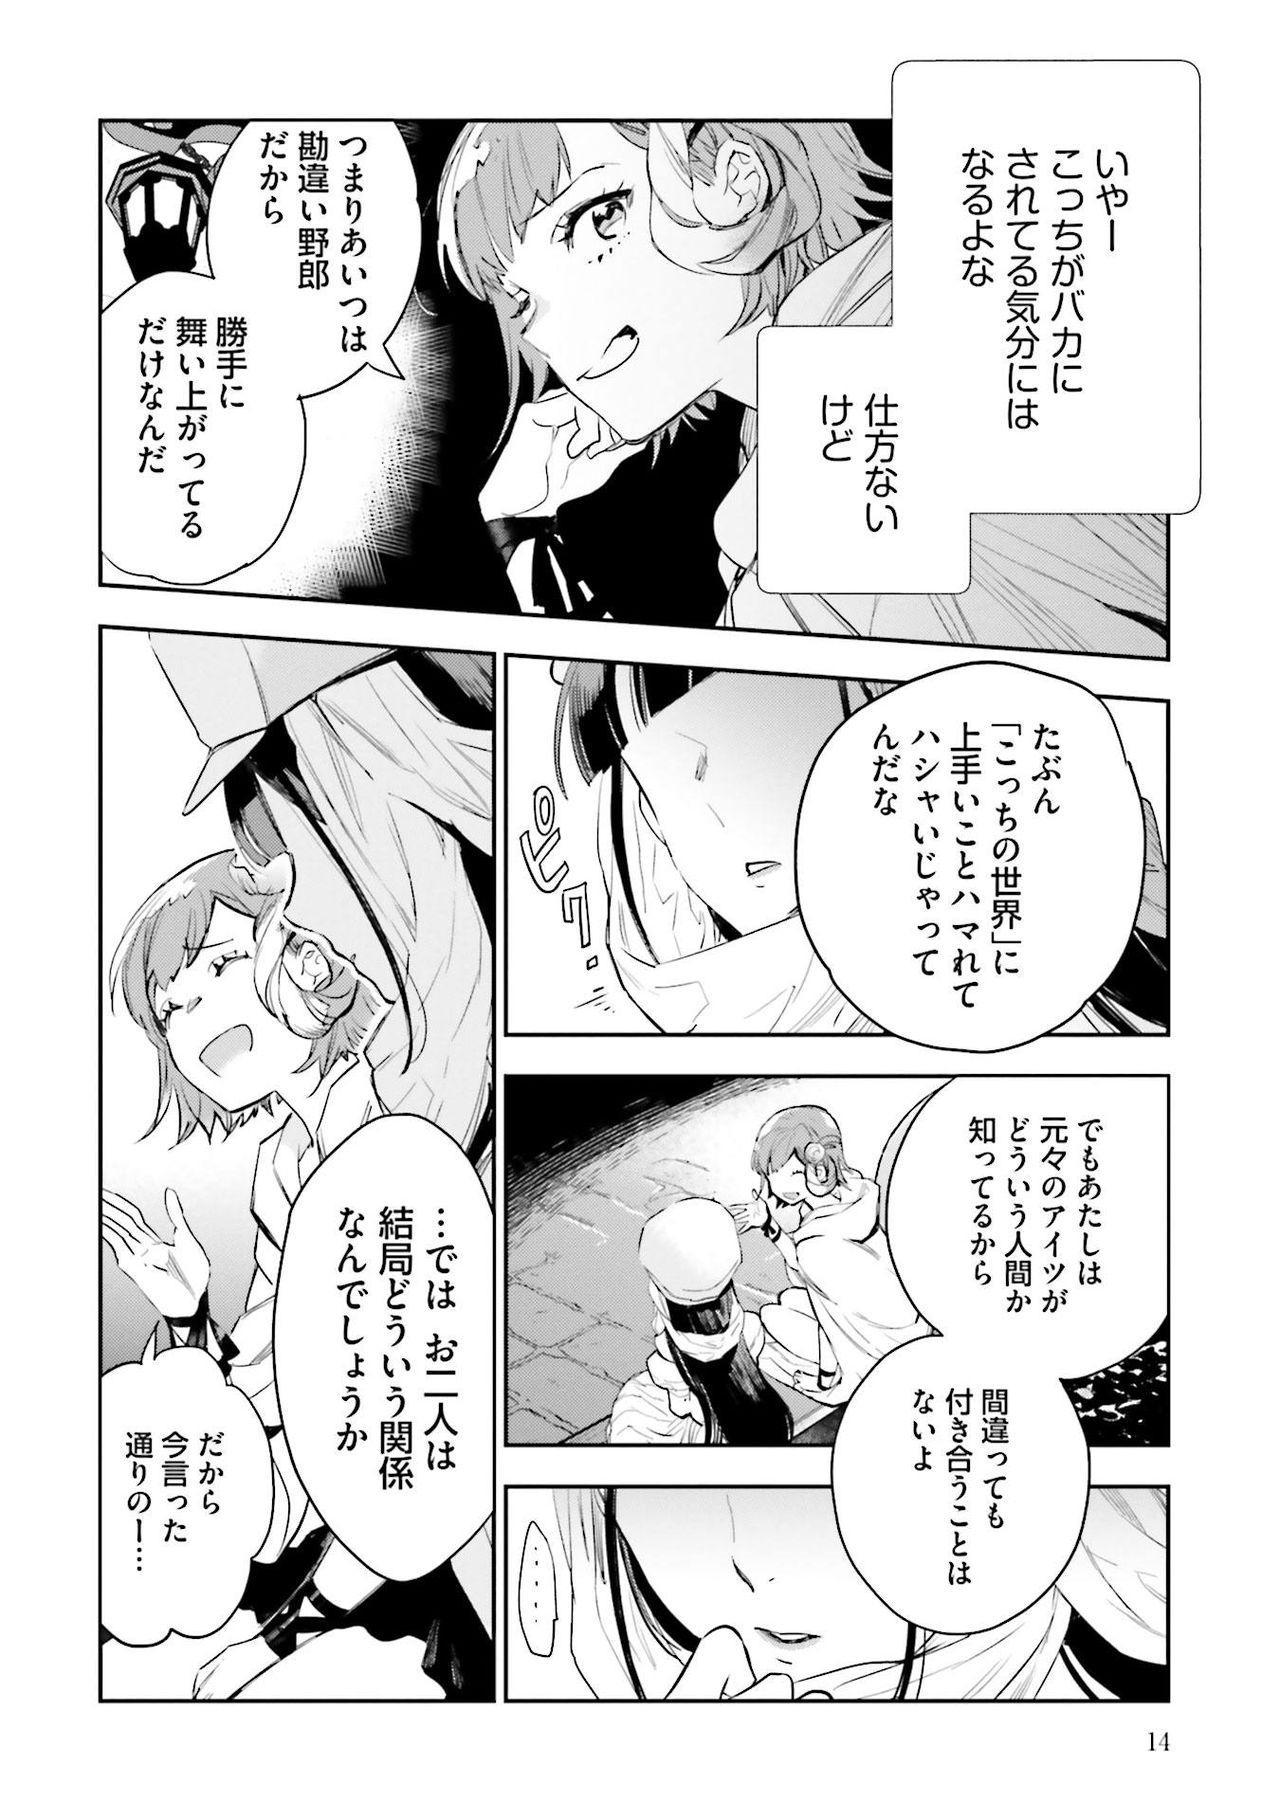 JK Haru wa Isekai de Shoufu ni Natta 1-14 202